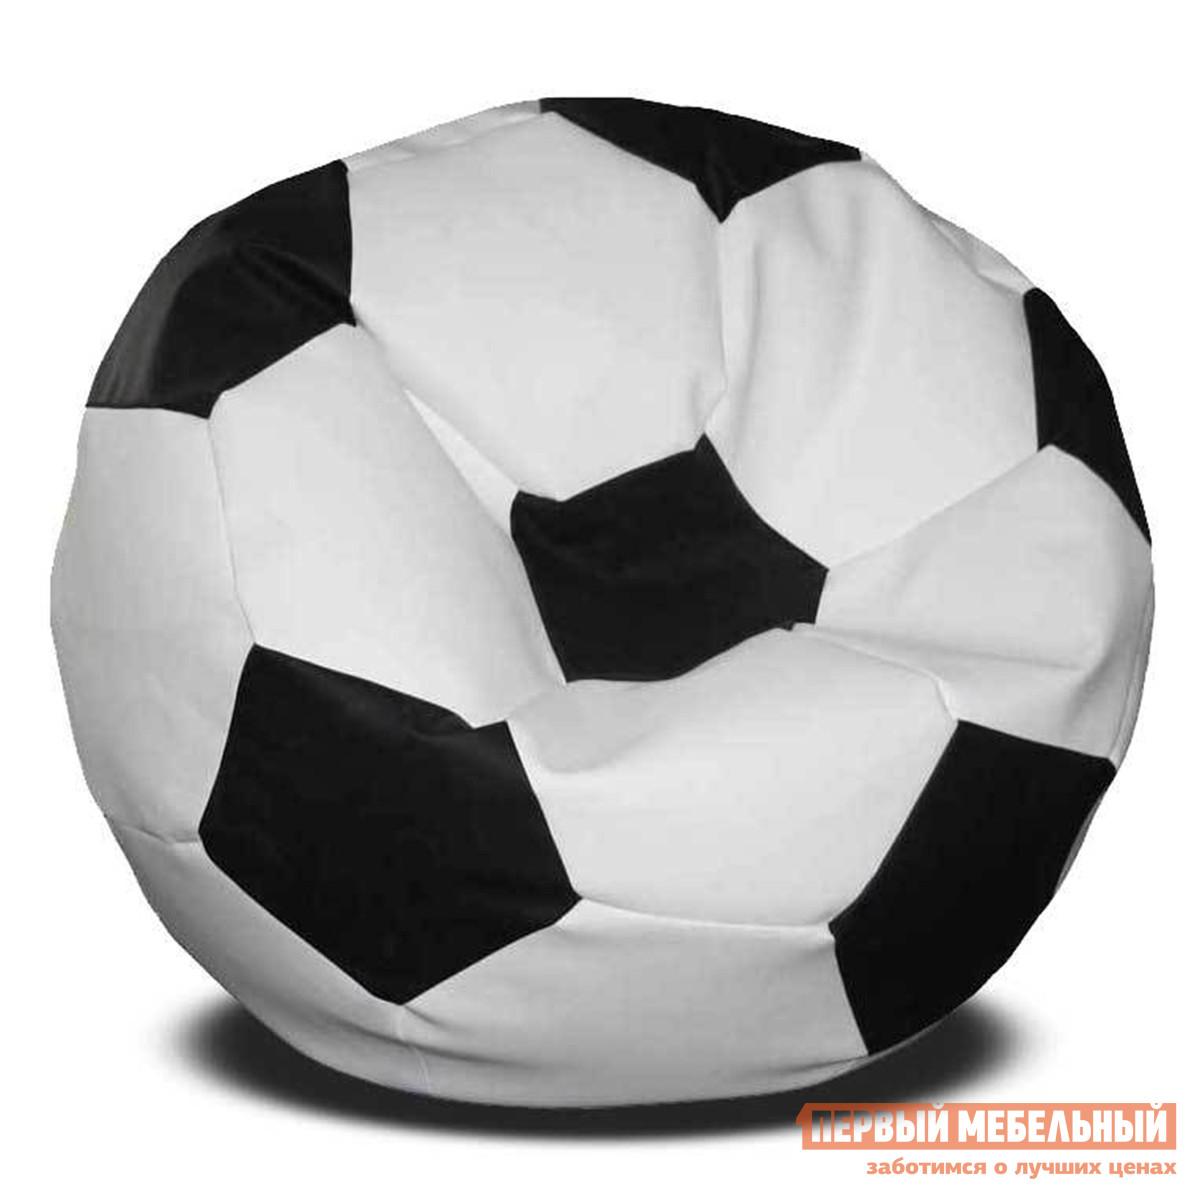 Кресло-мешок  Мяч Бело-черный DreamBag 27540